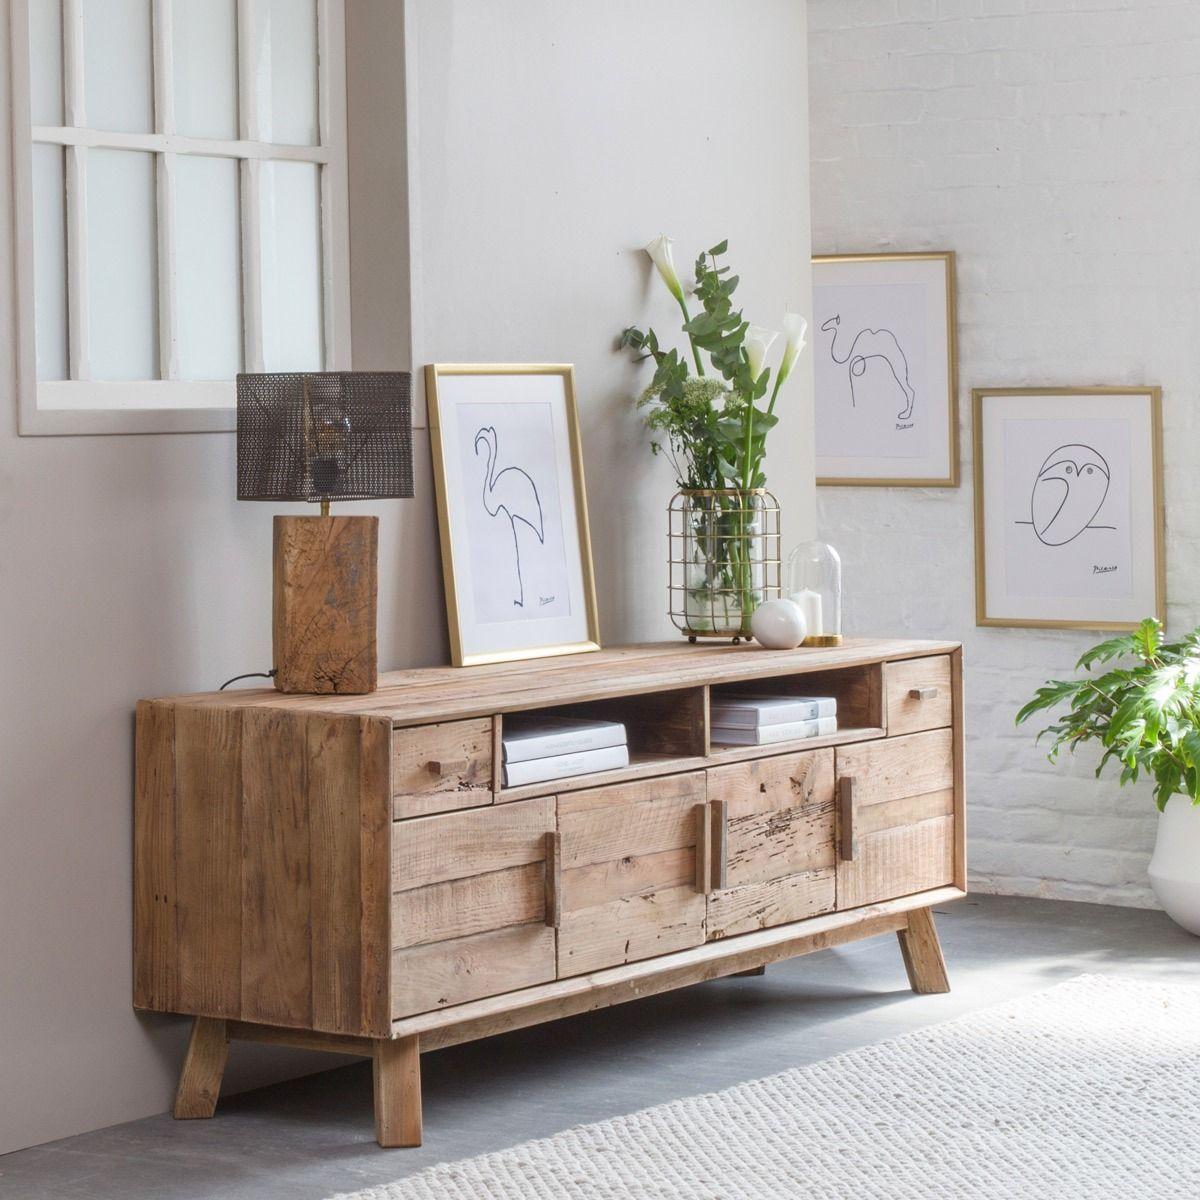 Meuble Tv Style Brut Bois Recycle 4 Portes 180cm Mobilier De Salon Lampe A Poser Bois Decoration Maison